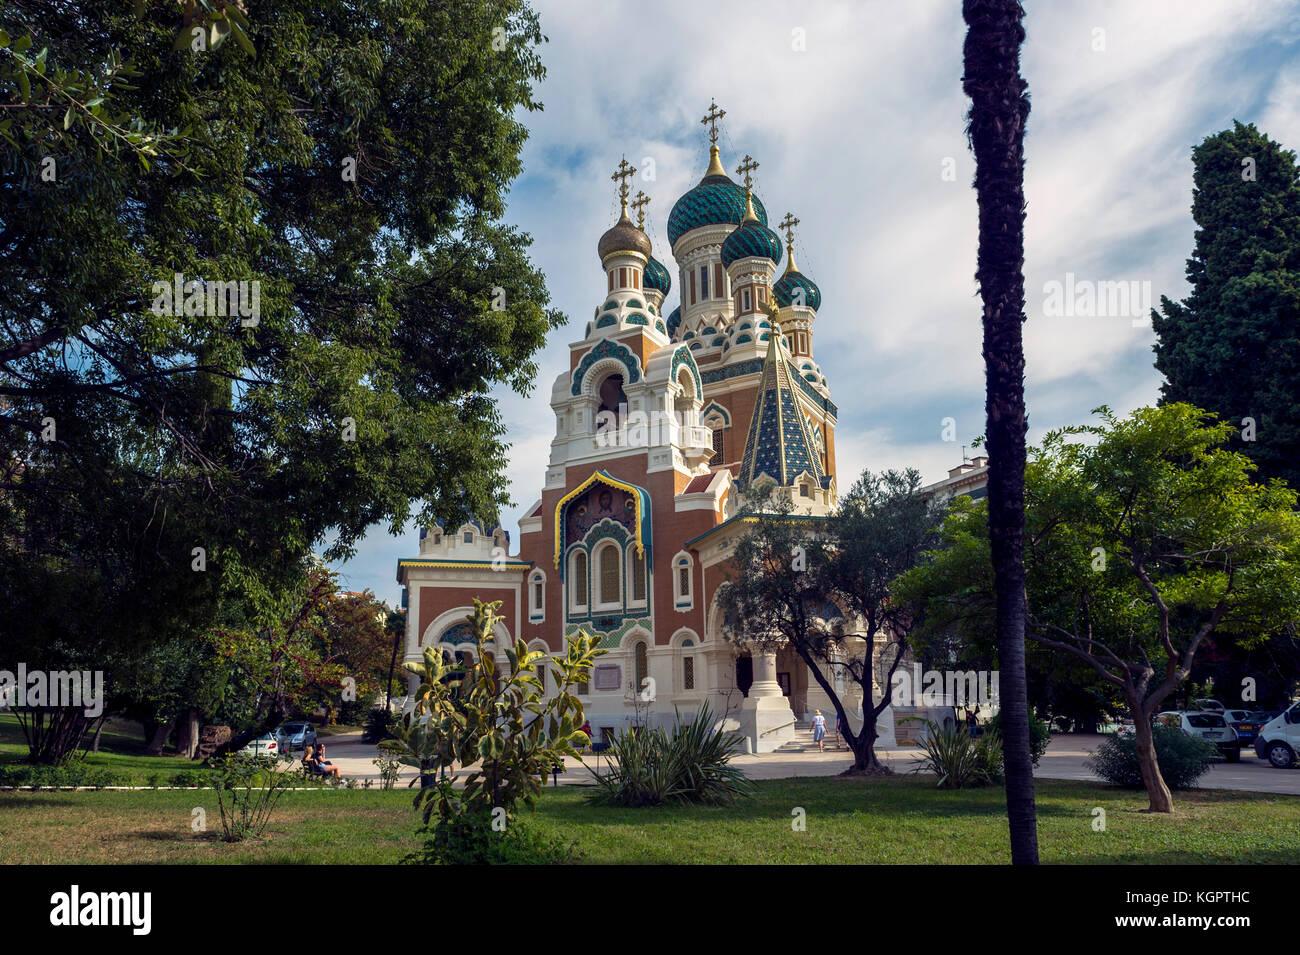 L'Europa. La Francia. Alpes-Maritimes (06) bello. La chiesa russo-ortodossa cattedrale Saint Nicolas (aperto Immagini Stock